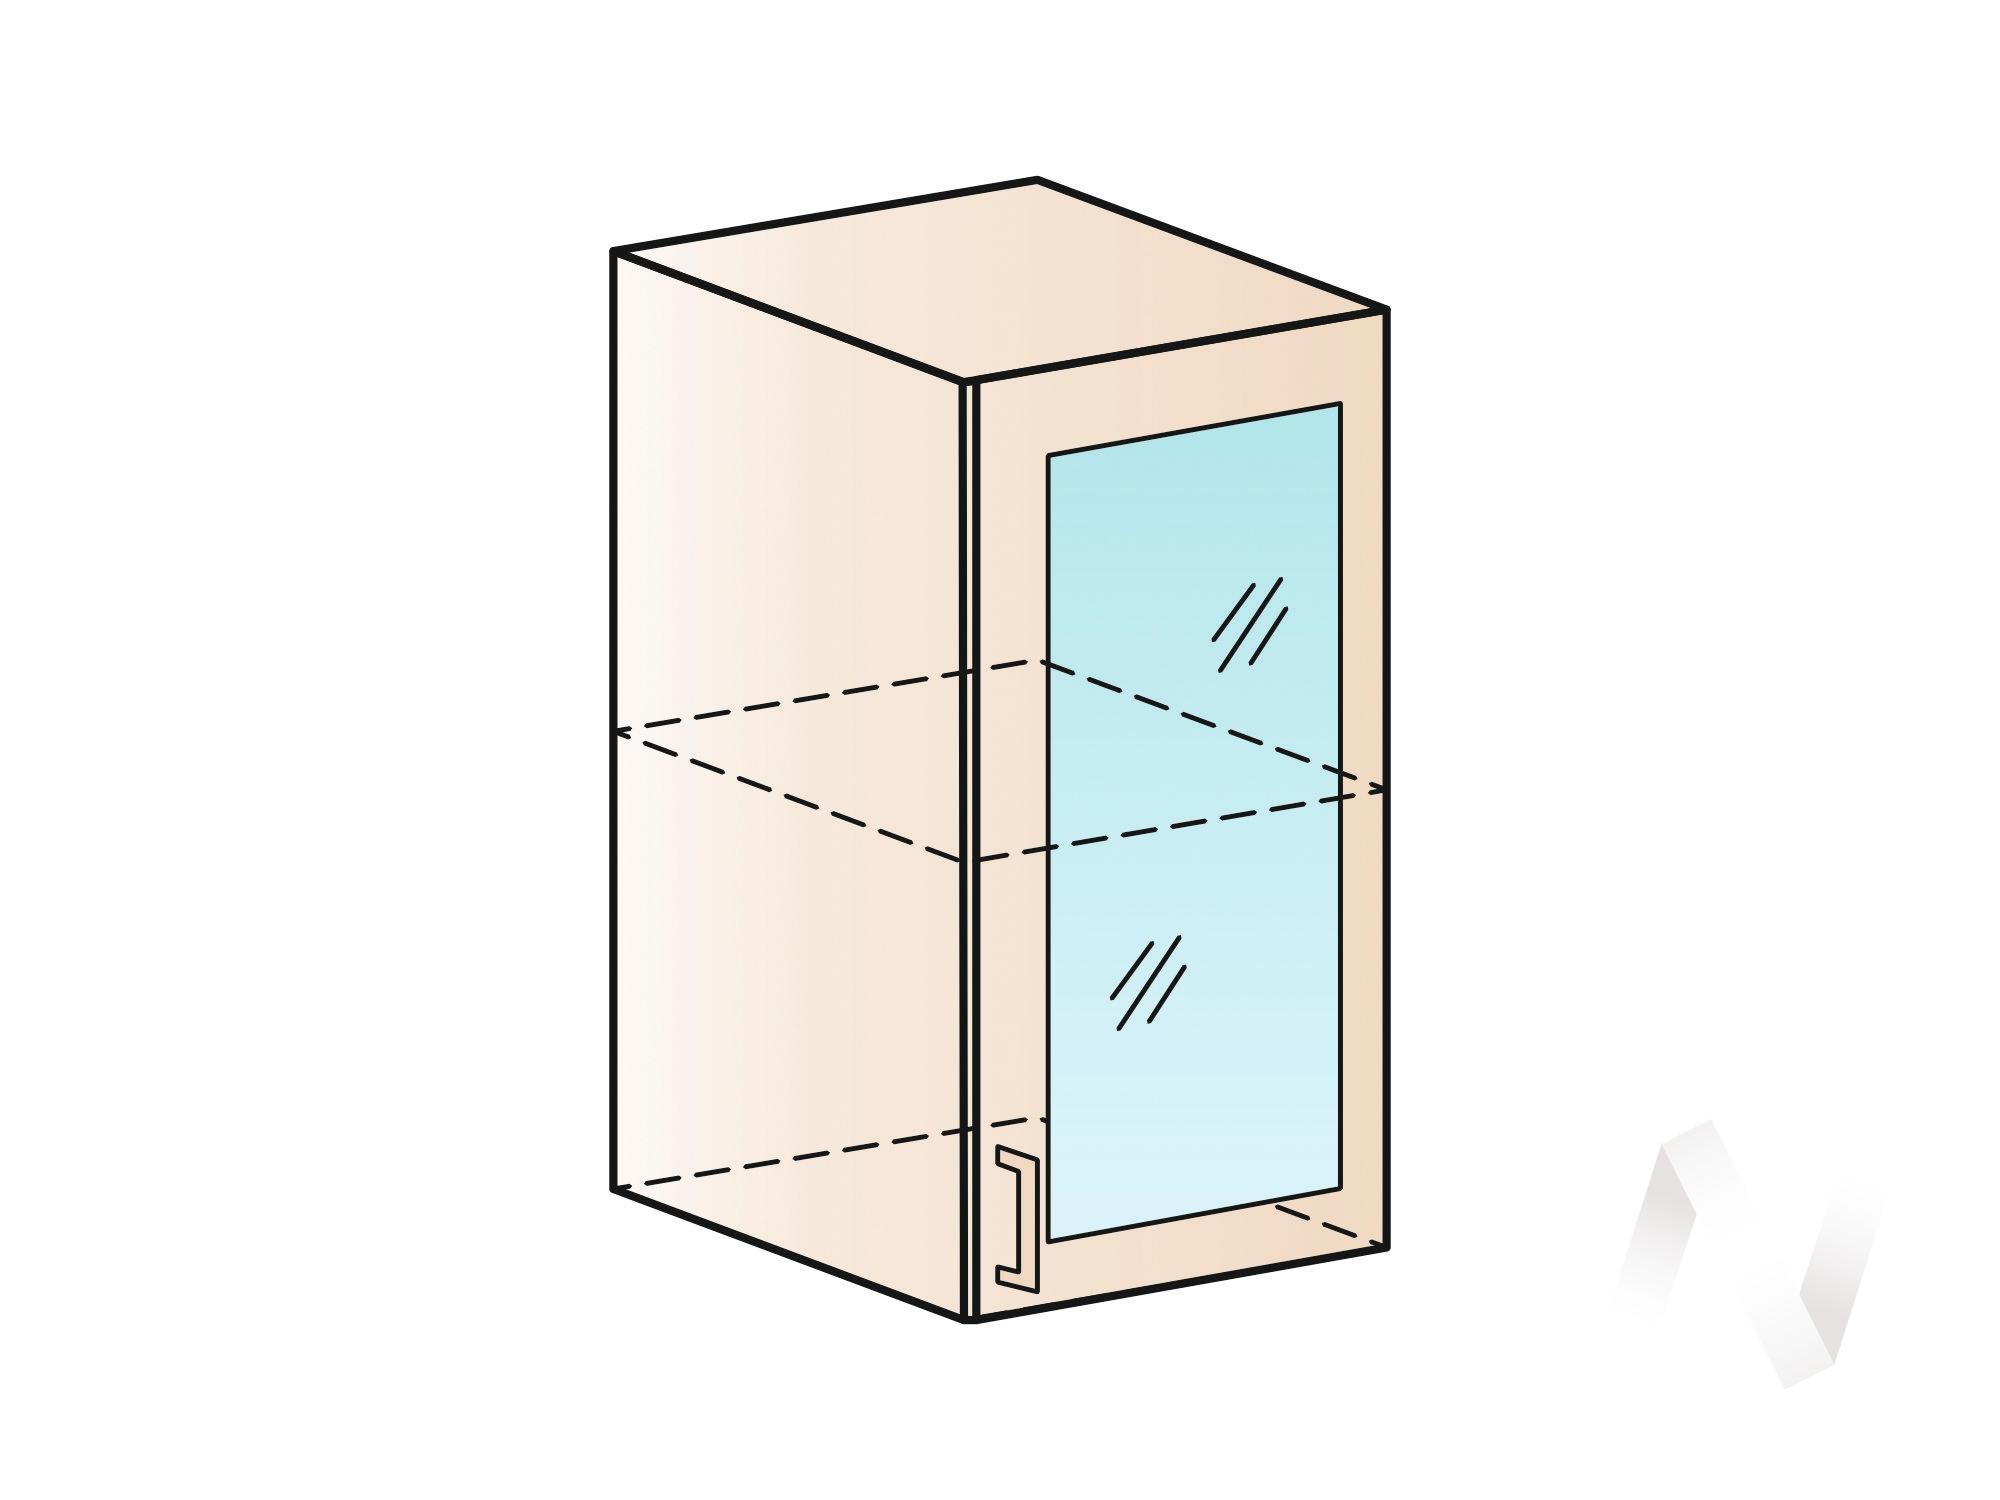 """Кухня """"Вена"""": Шкаф верхний со стеклом 400, ШВС 400 (корпус венге) в Новосибирске в интернет-магазине мебели kuhnya54.ru"""